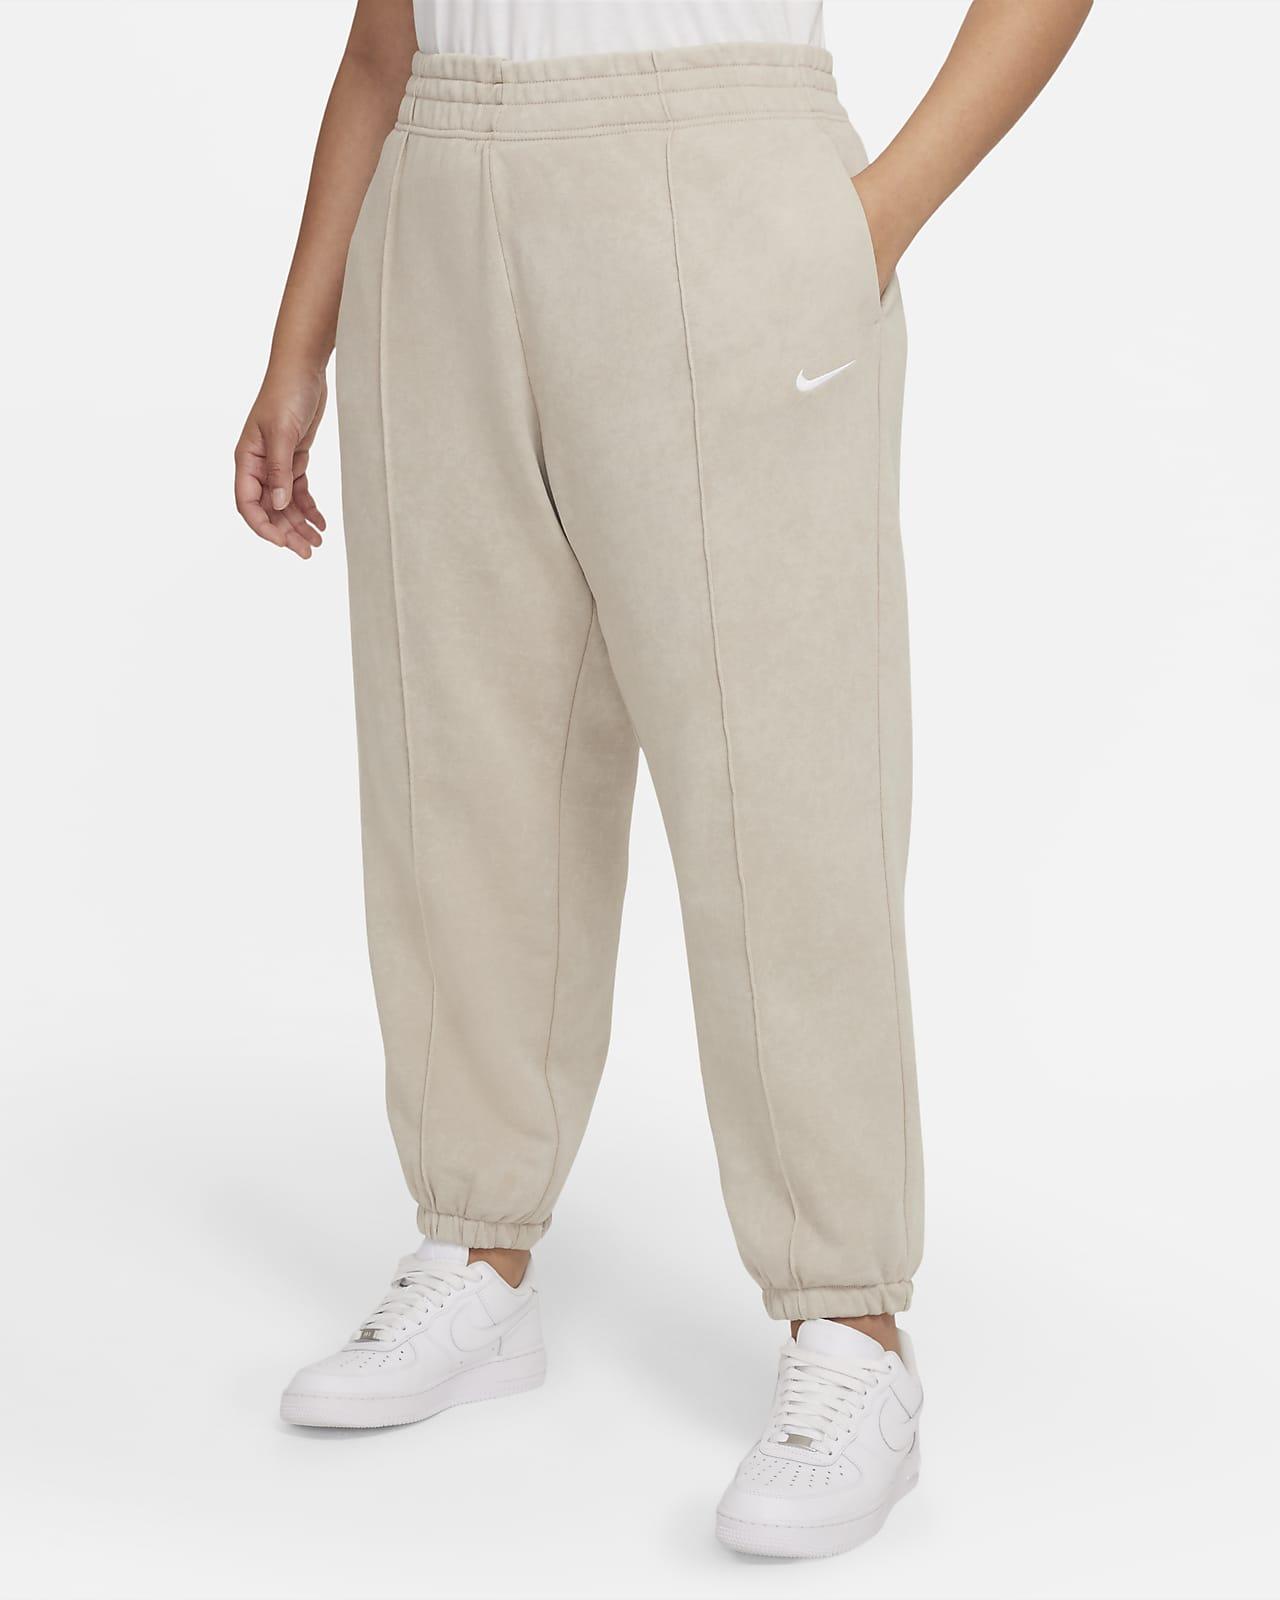 Nike Sportswear Essential Collection Pantalón de tejido Fleece lavado (Talla grande) - Mujer